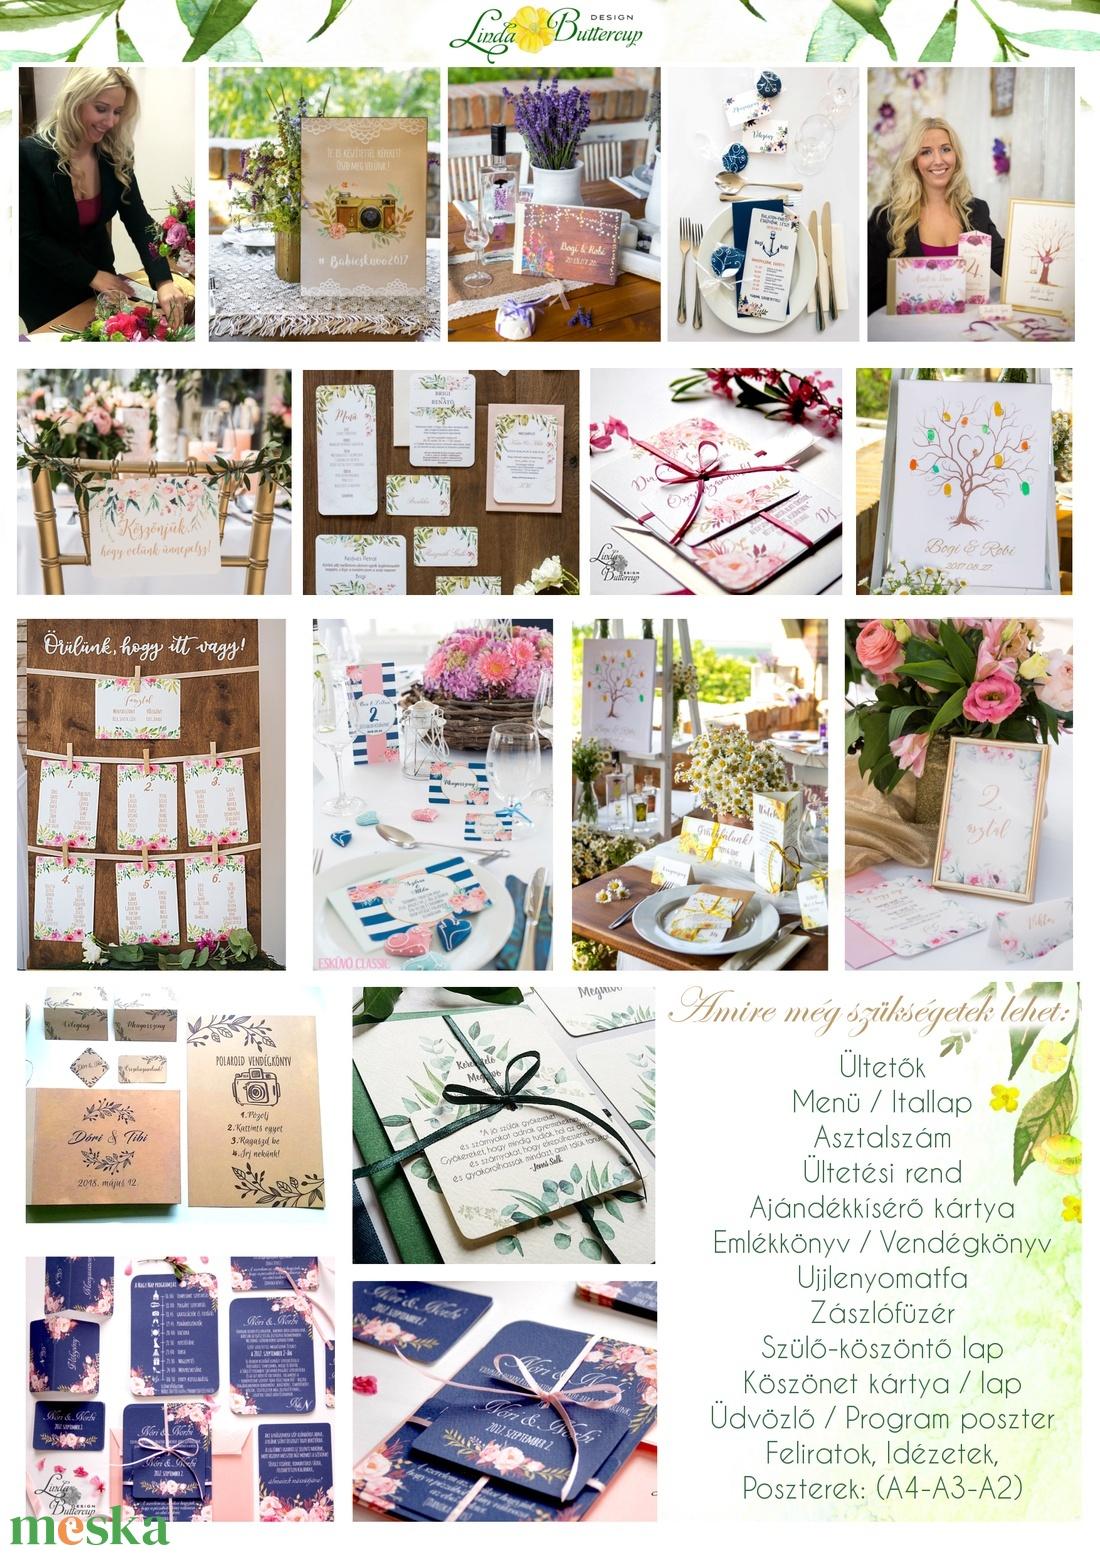 Esküvői Menü, Rusztikus esküvői dekoráció, bordó, arany, rózsa, burgundy menüsor, itallap, italok, asztalszám, őszirózsa - esküvő - meghívó & kártya - menü - Meska.hu